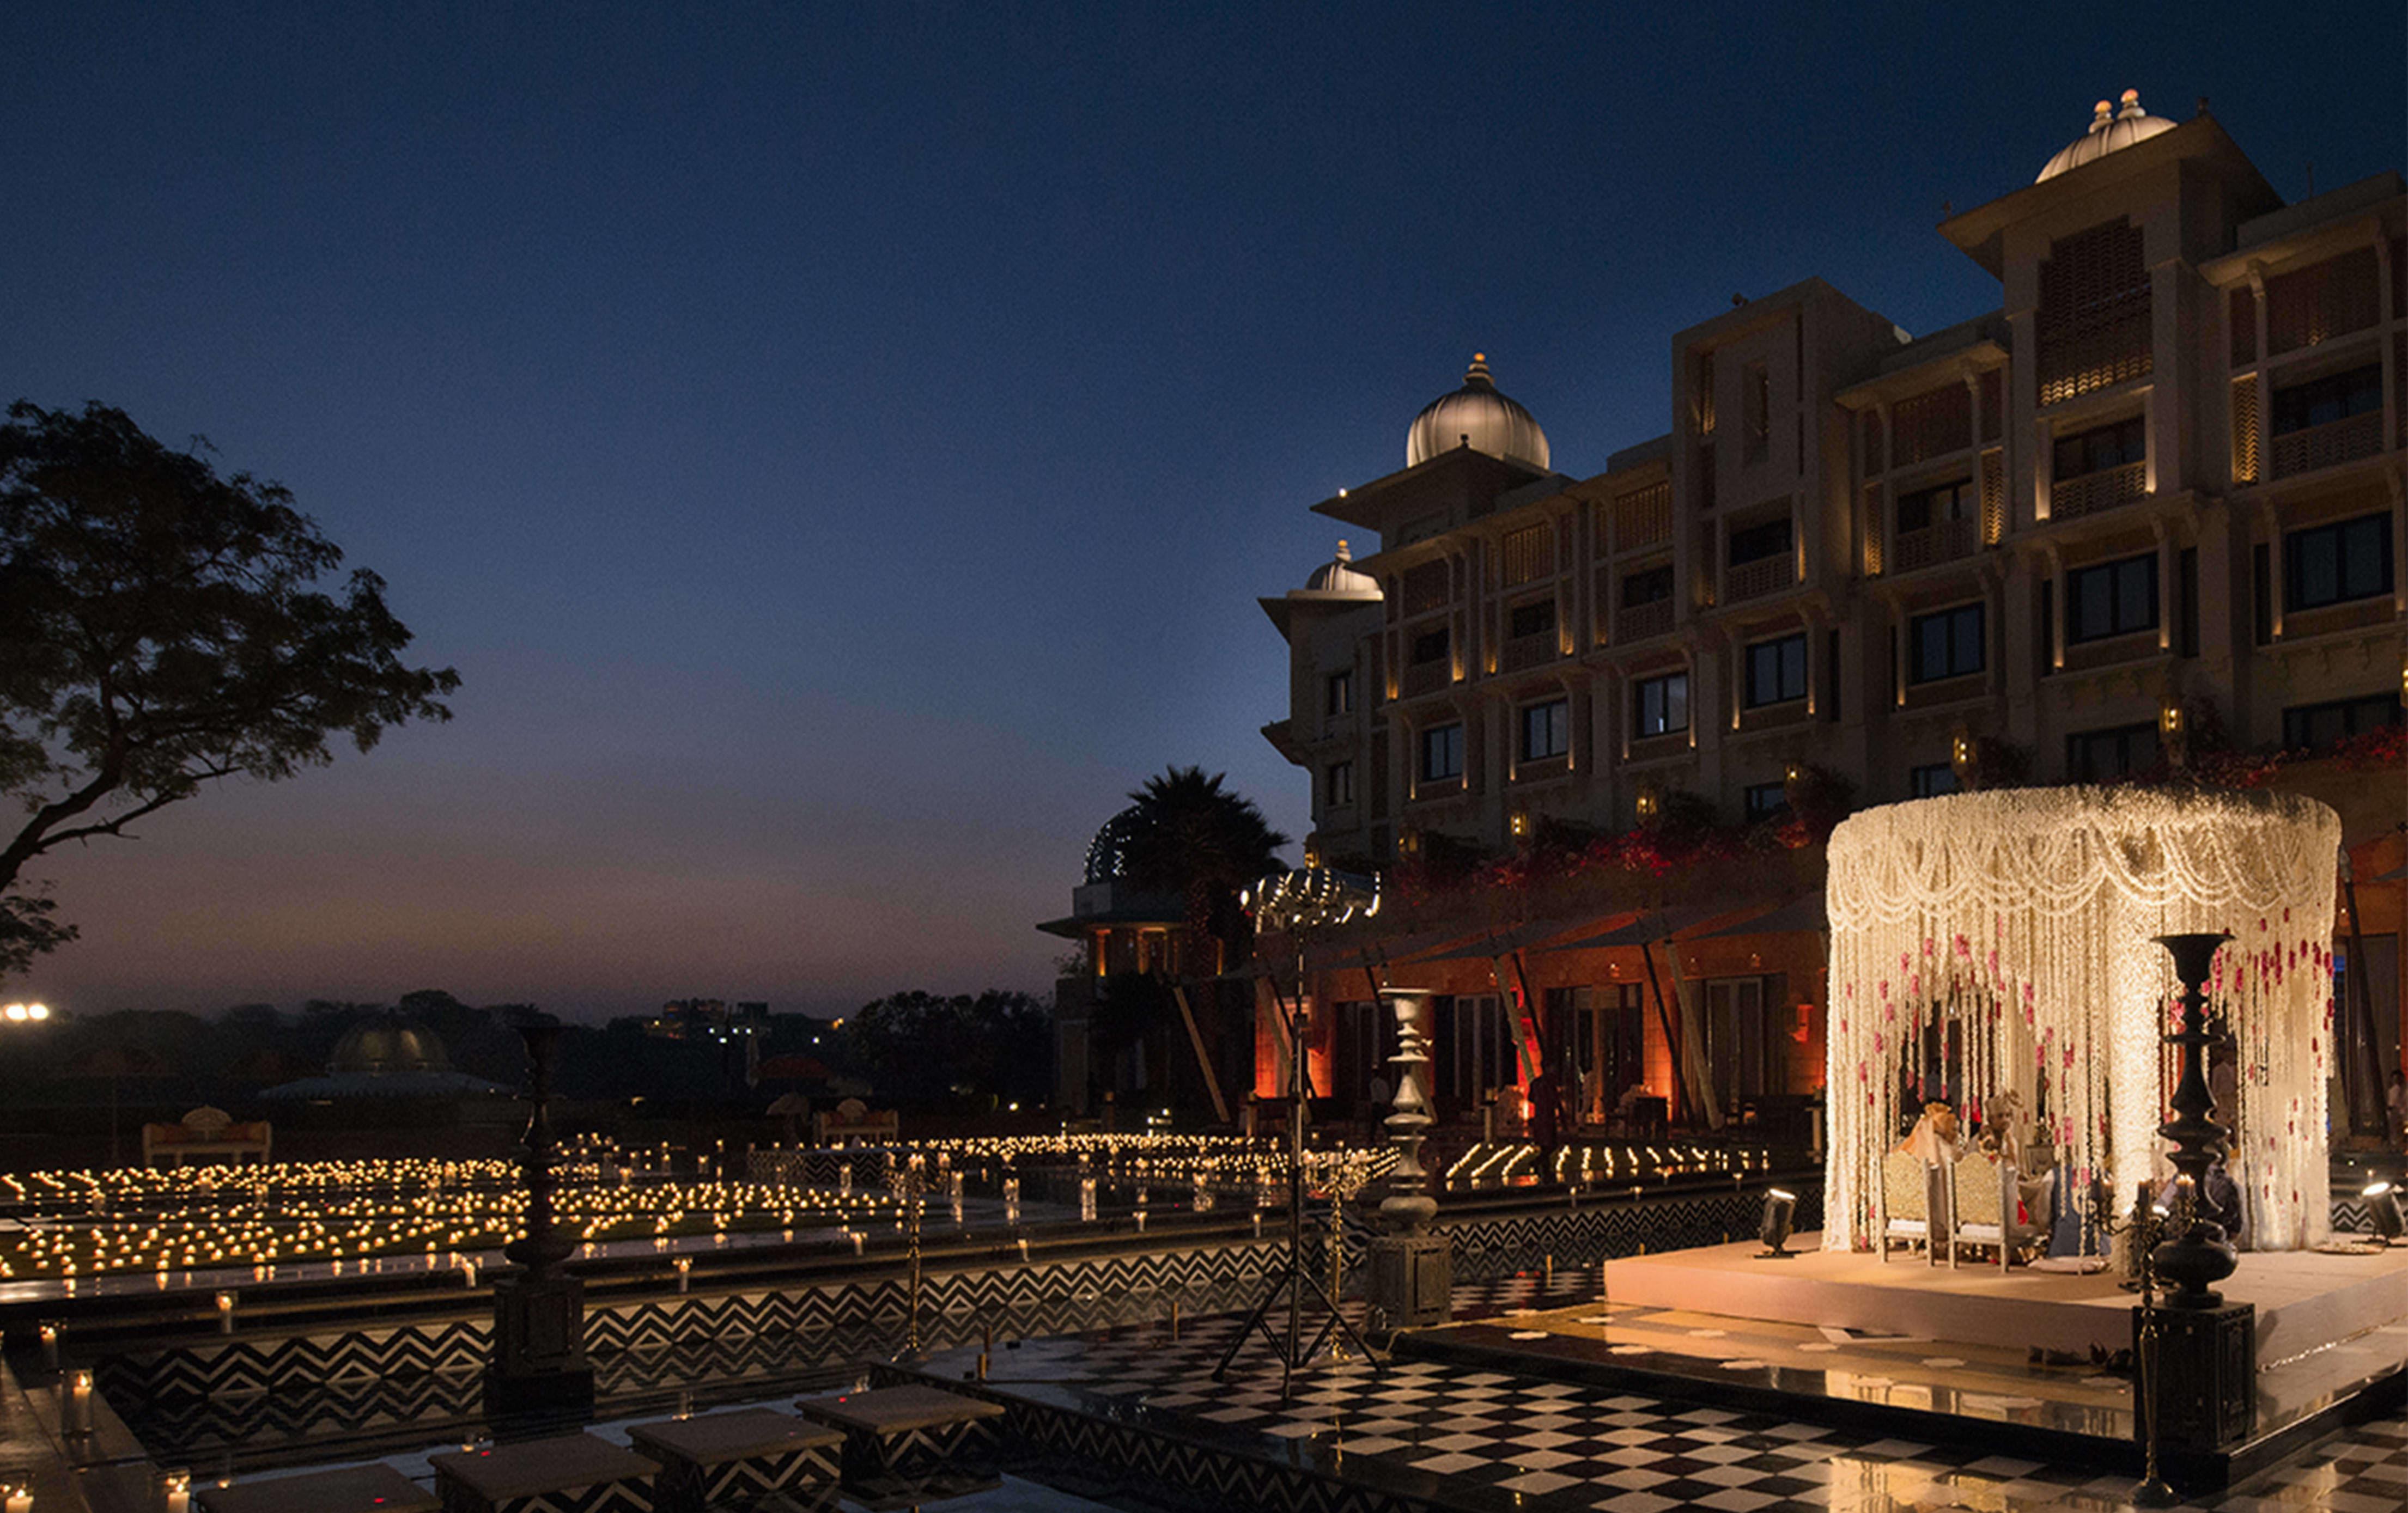 royal wedding venue: